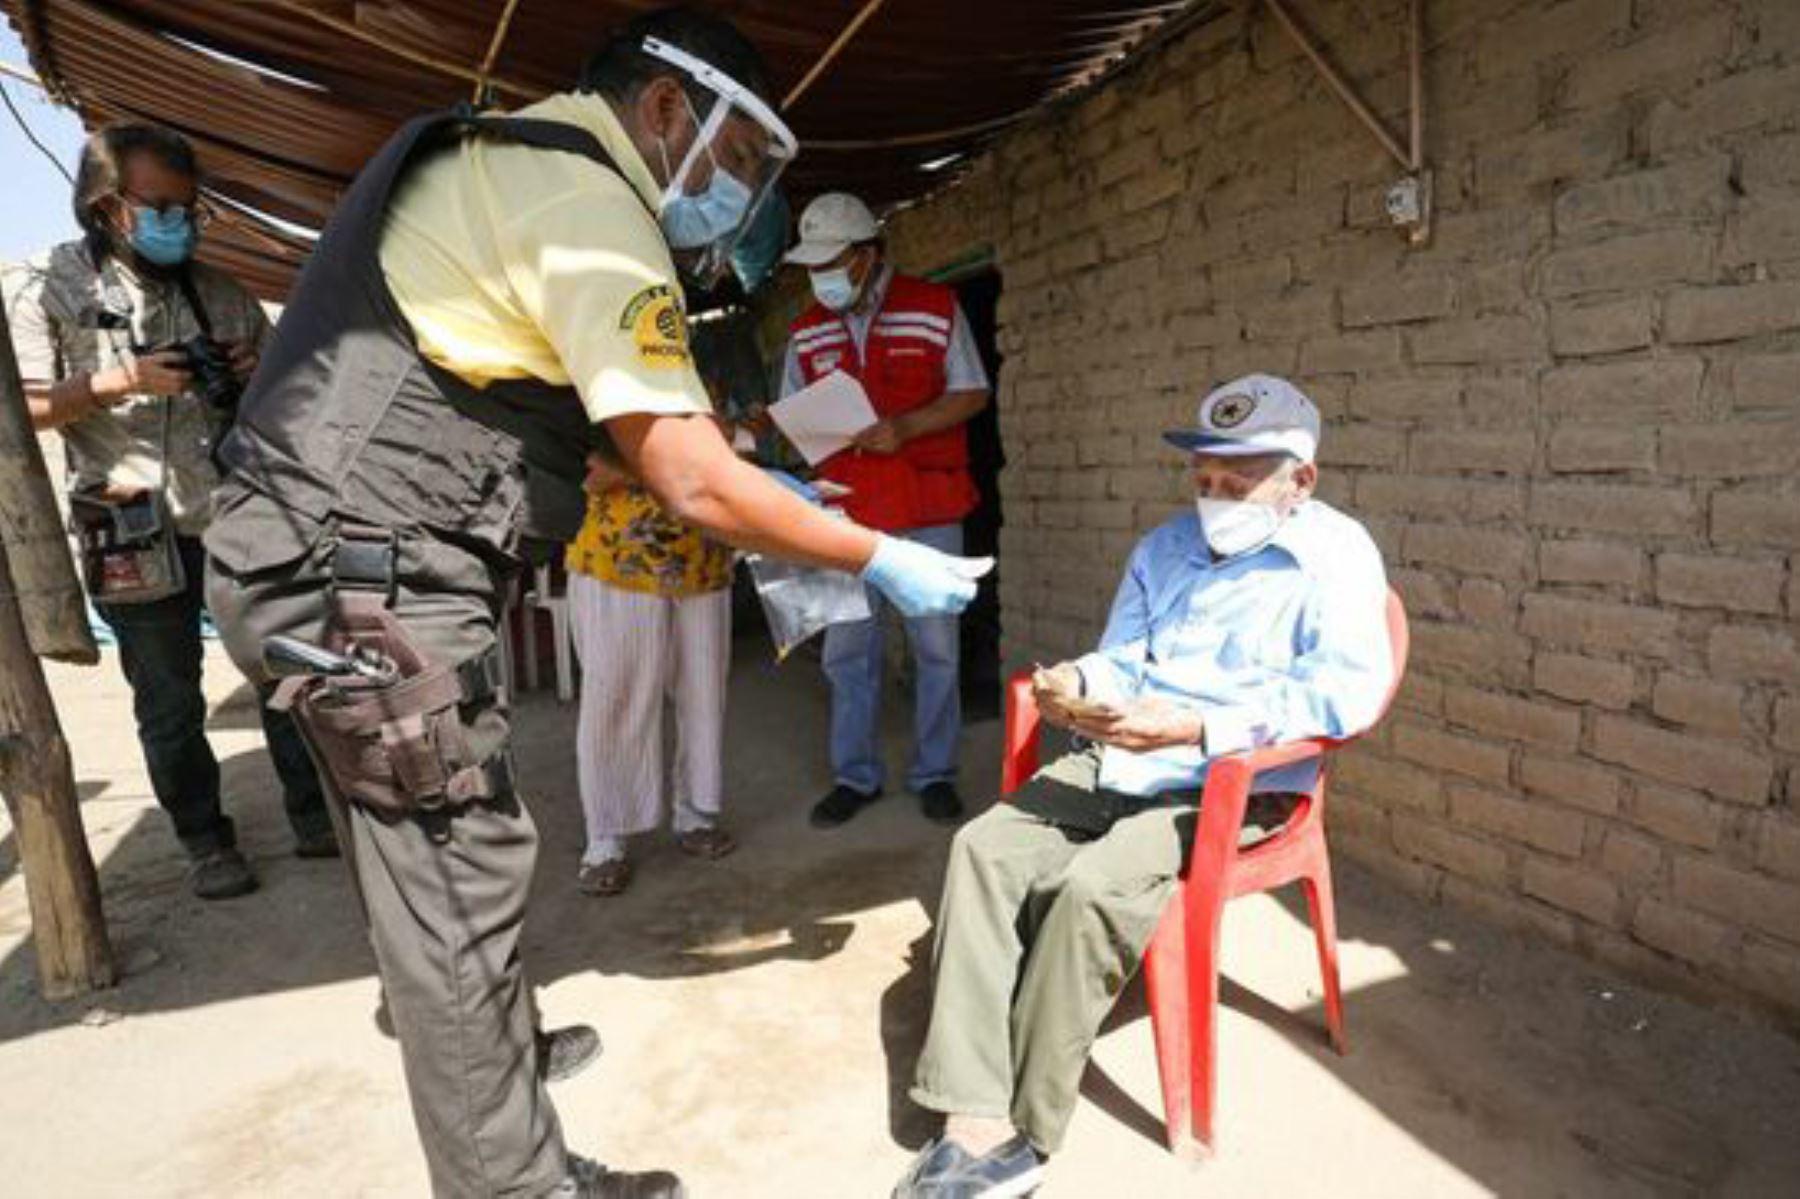 pension-65-mayores-de-80-anos-con-discapacidad-y-viven-solos-reciben-bono-600-en-casa